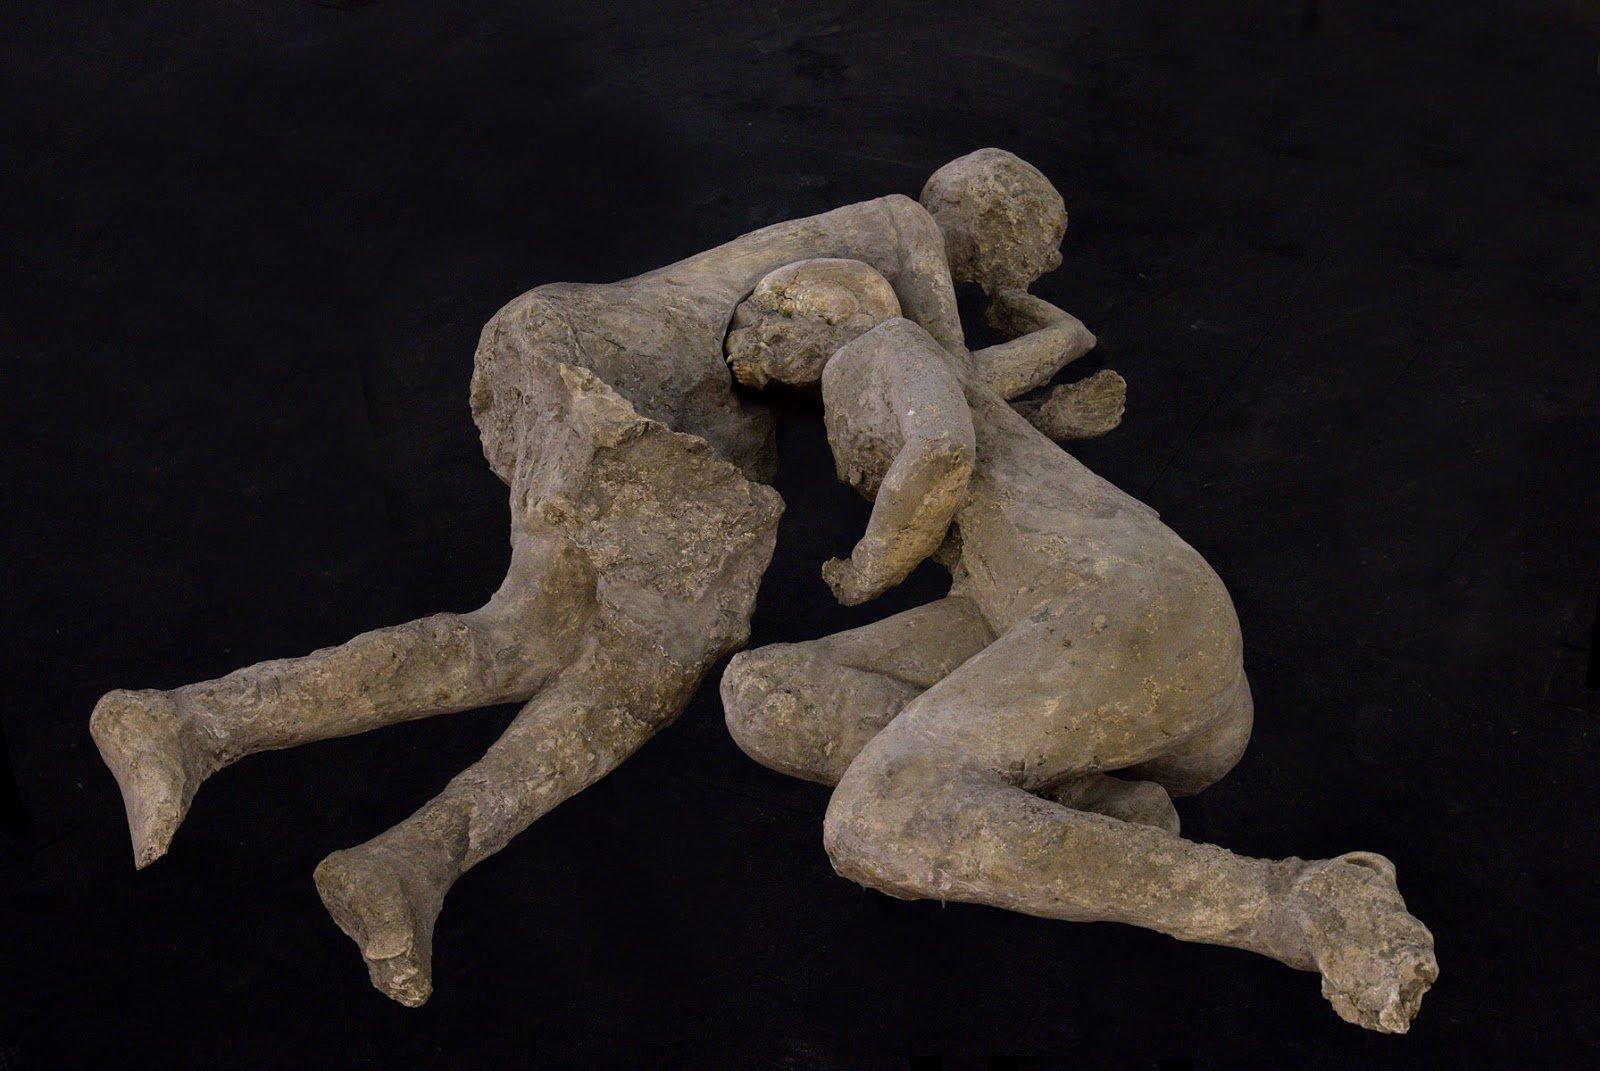 """ゆきまさかずよし on Twitter: """"ヴェスヴィオ噴火で被災したポンペイ市民の遺体のなかでも有名な2体、抱擁し ..."""